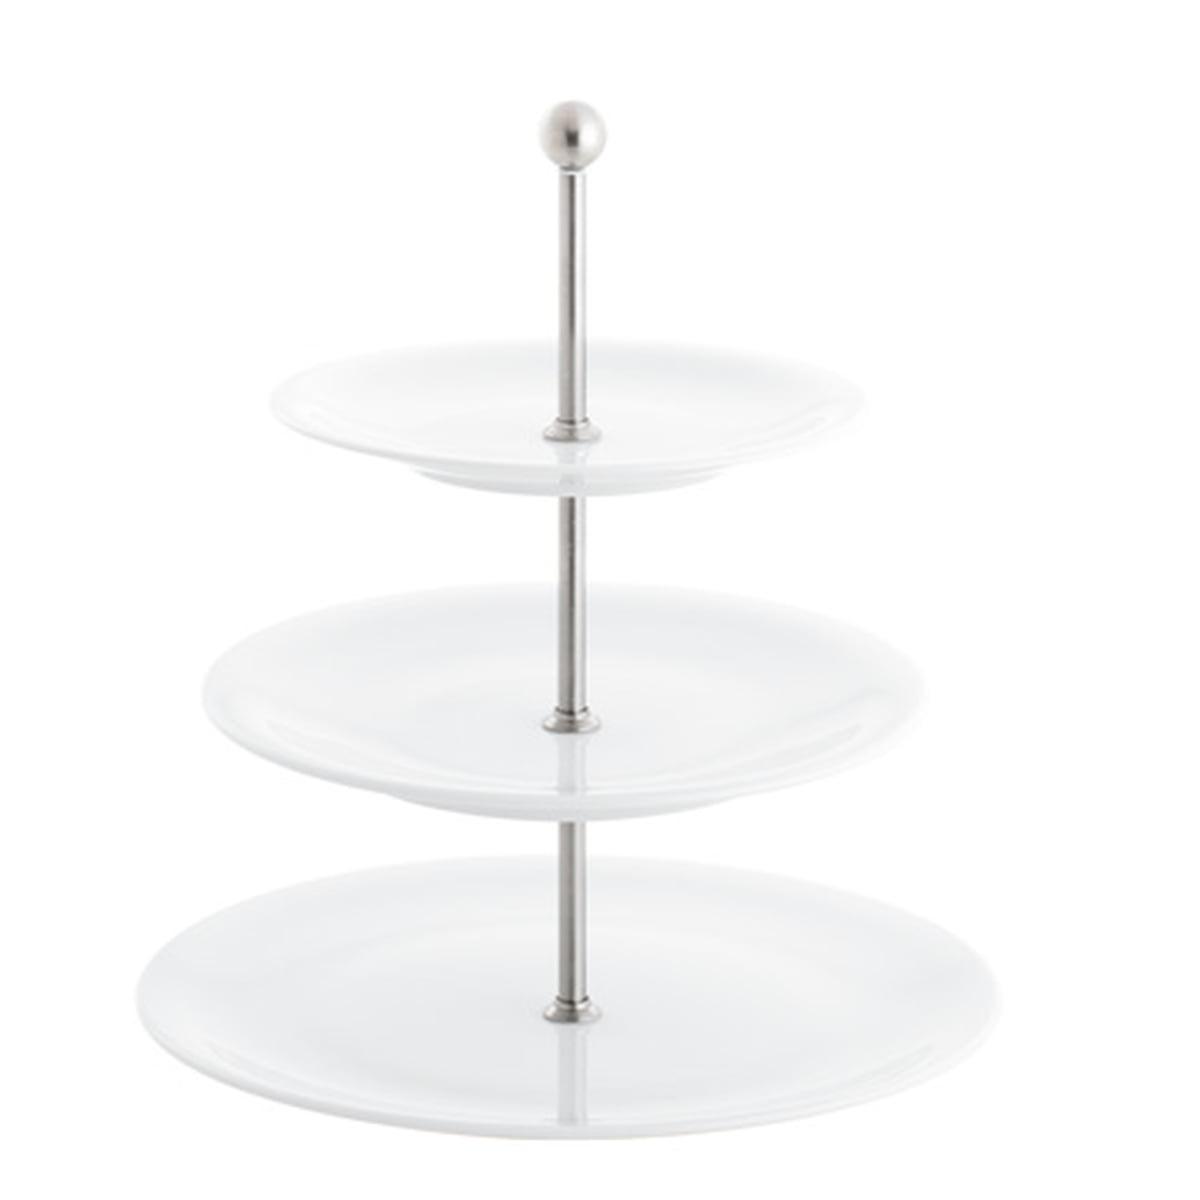 Kahla - Update, Etagere, 3tlg., weiß | Küche und Esszimmer > Aufbewahrung > Etageren | Weiß | Porzellan | Kahla